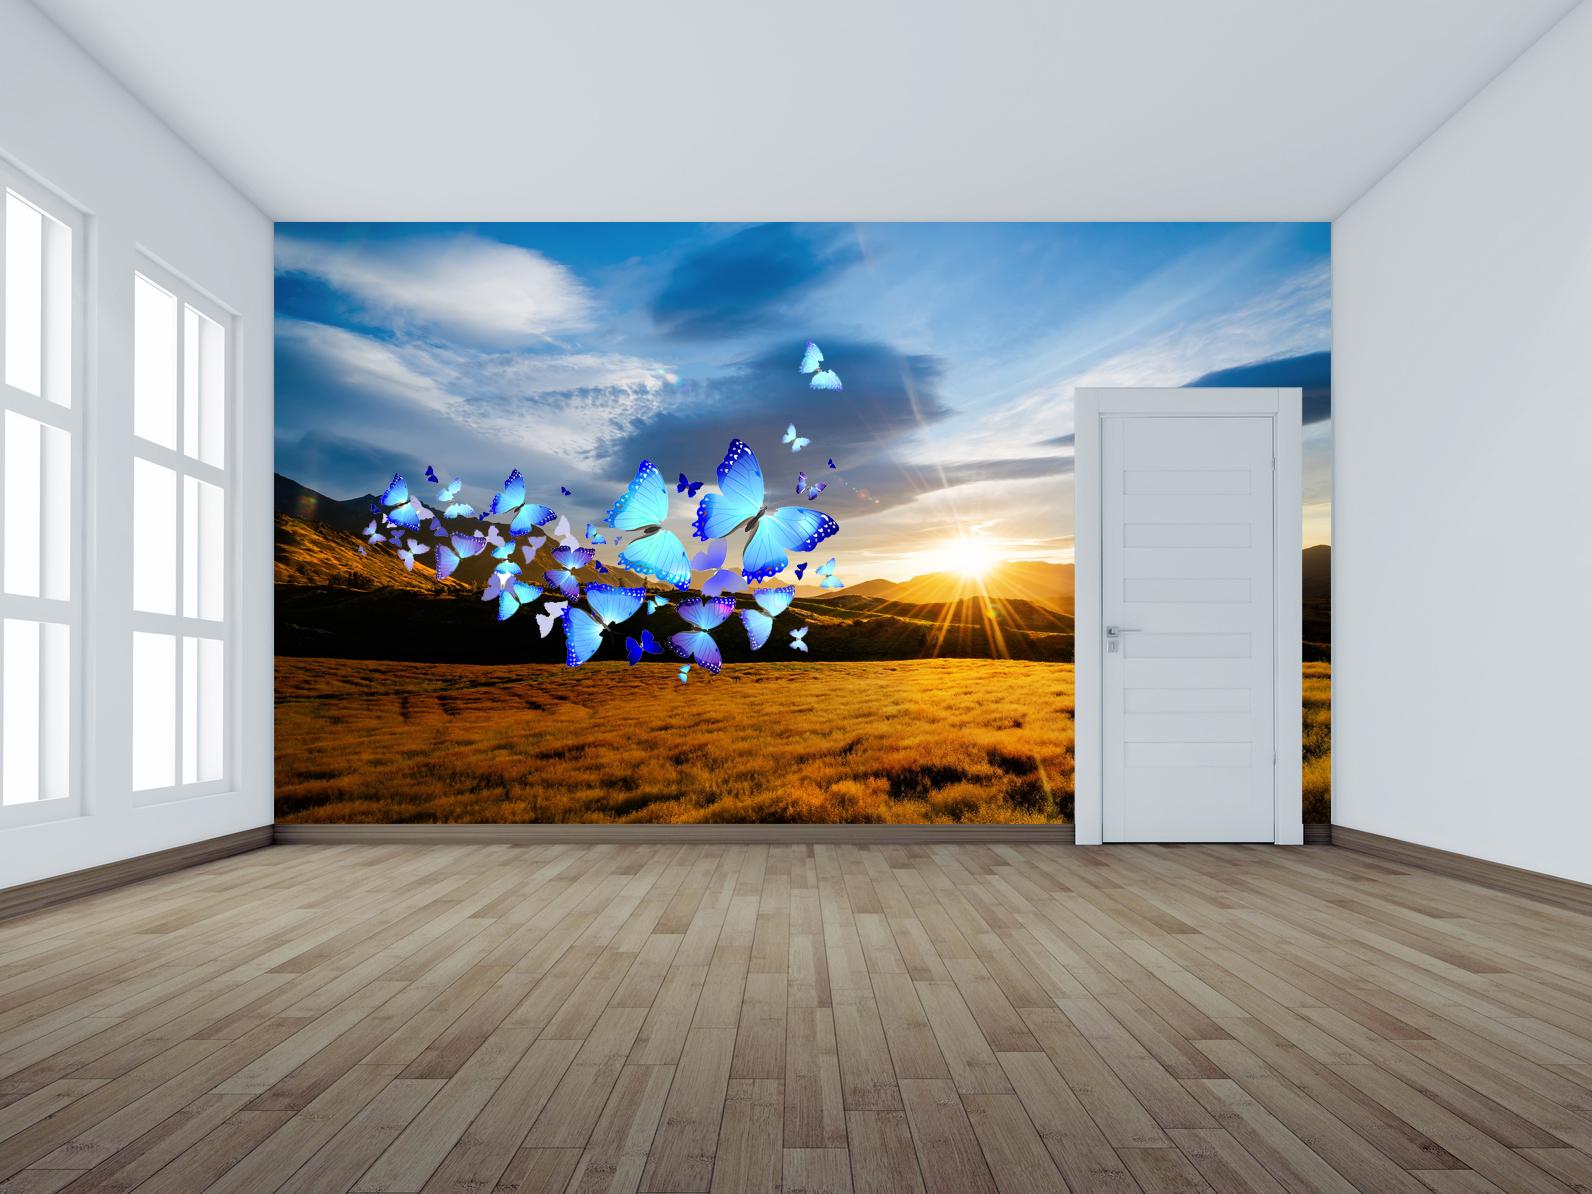 papier peint personnalis votre rev tement mural sur mesure. Black Bedroom Furniture Sets. Home Design Ideas